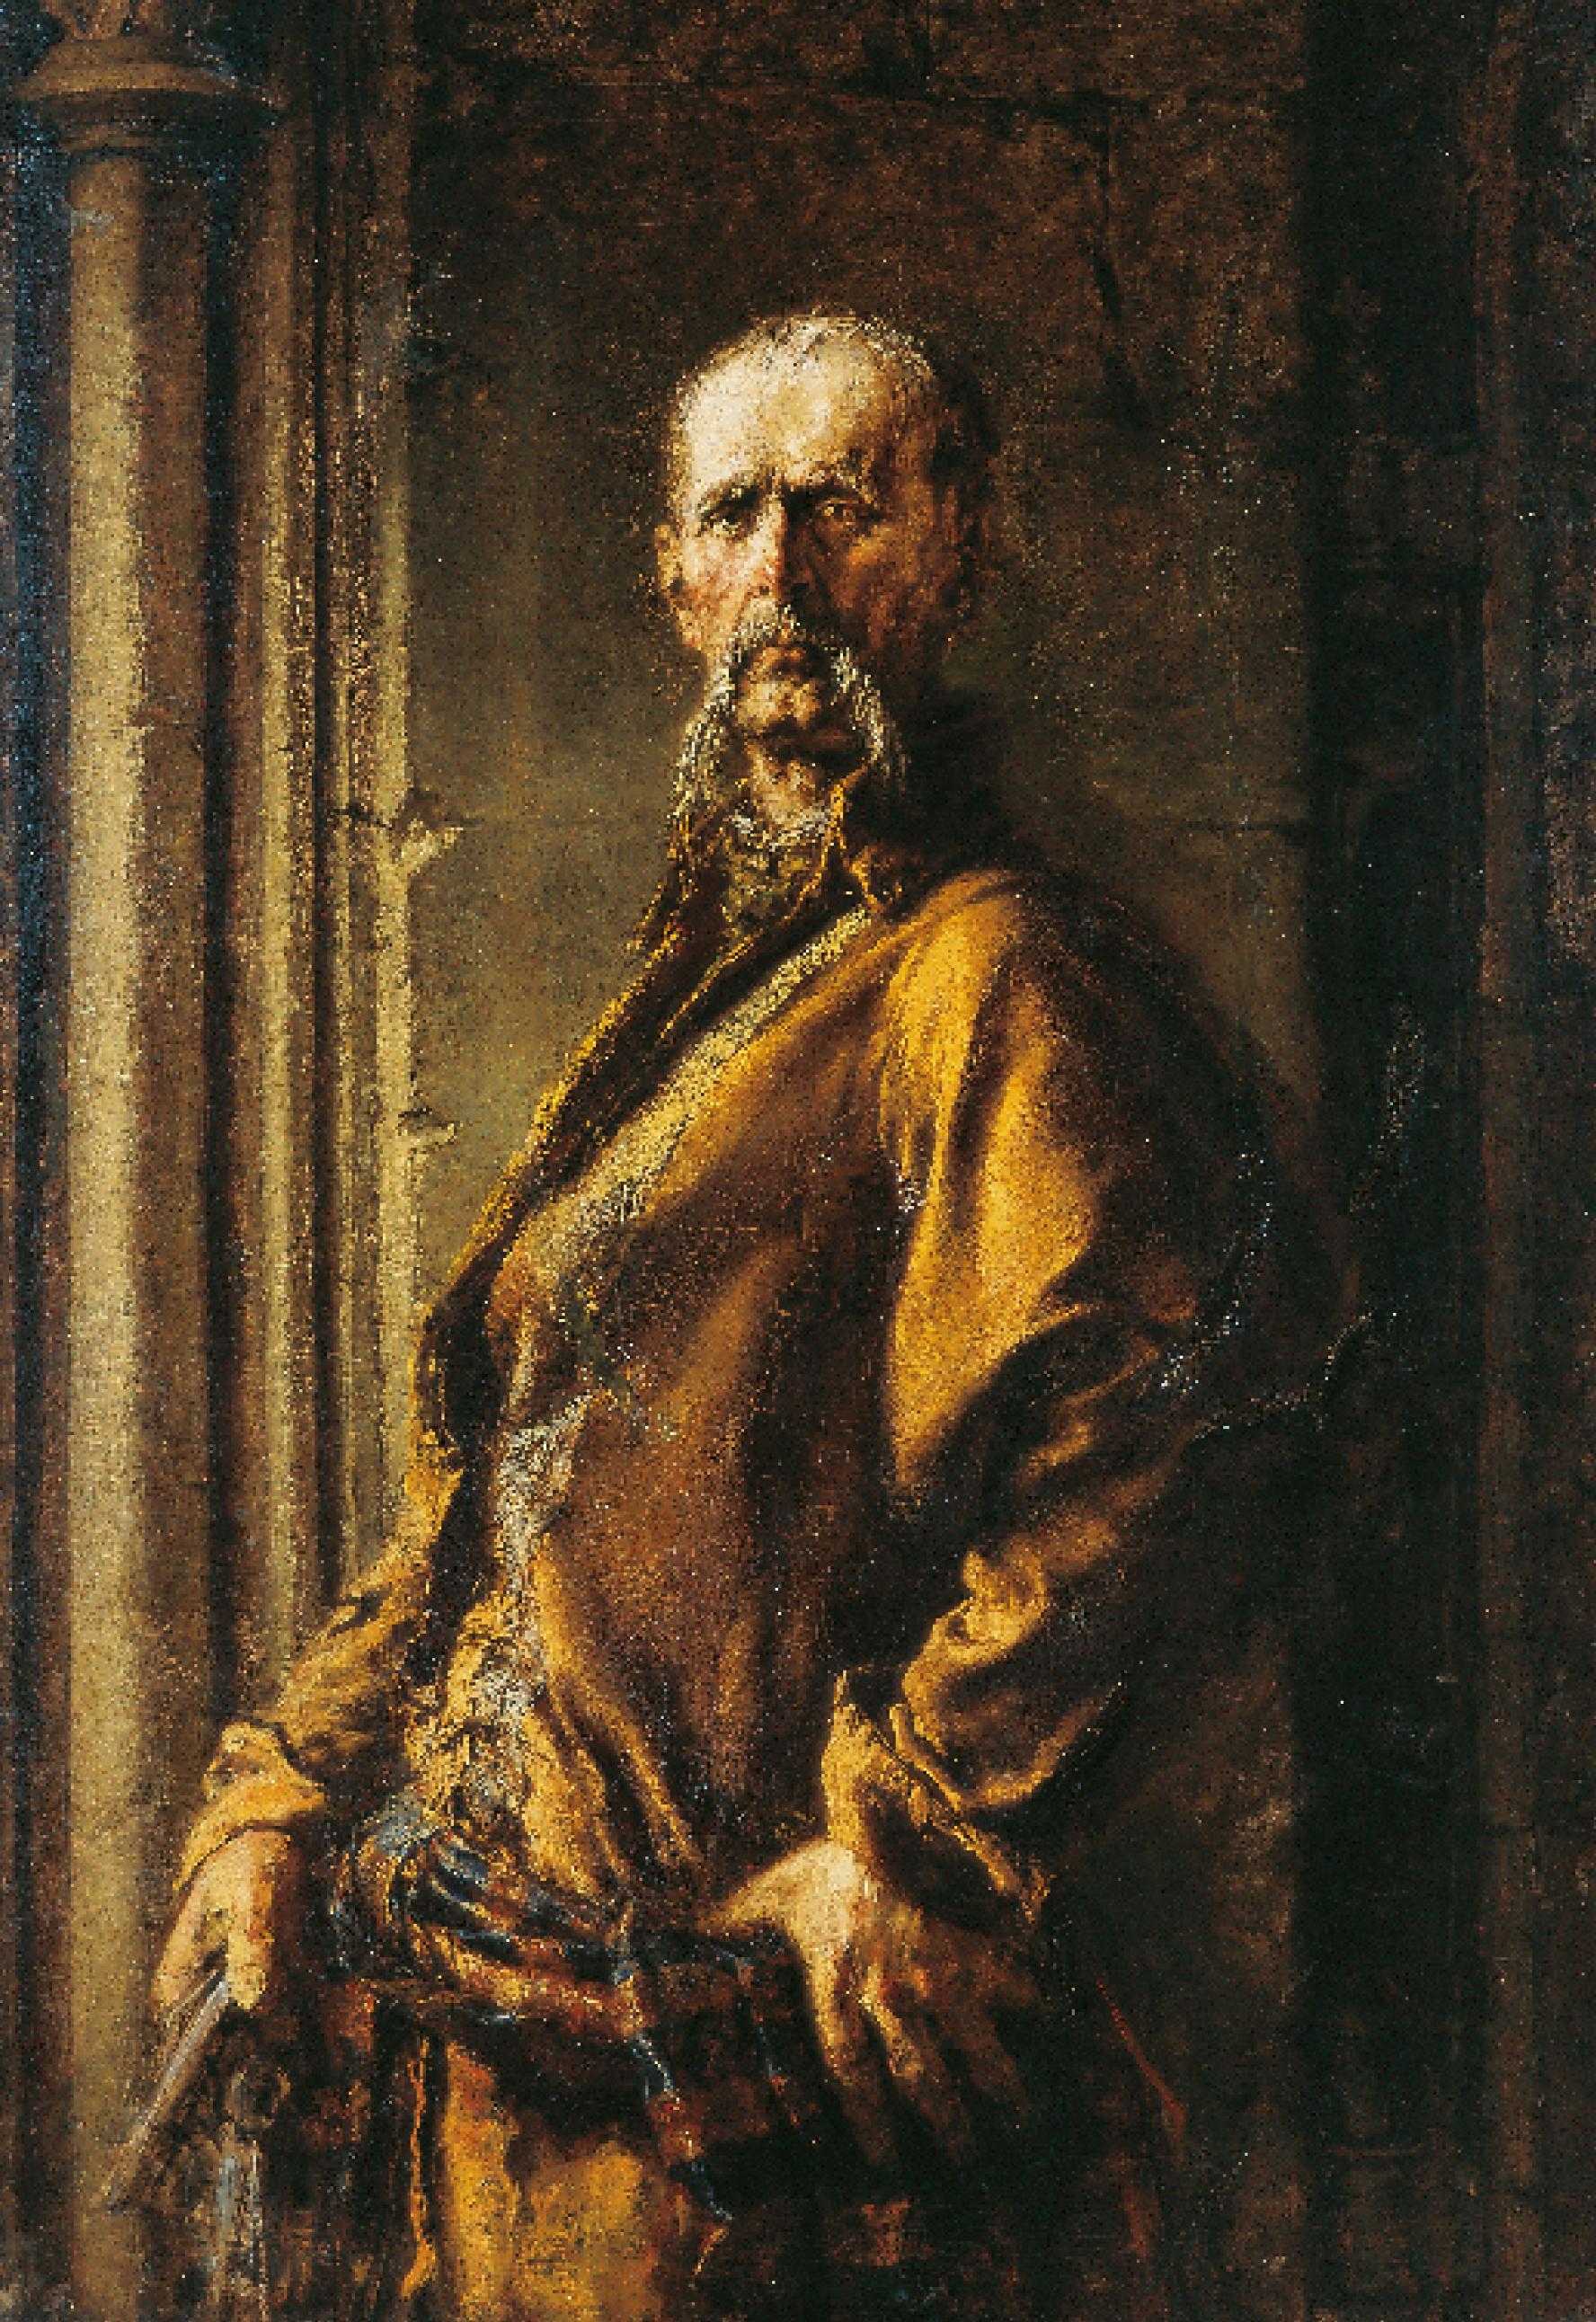 """Wilhelm Leopolski """"Klucznik Gerwazy, ok. 1874 roku, źródło: Muzeum Narodowe we Wrocławiu"""